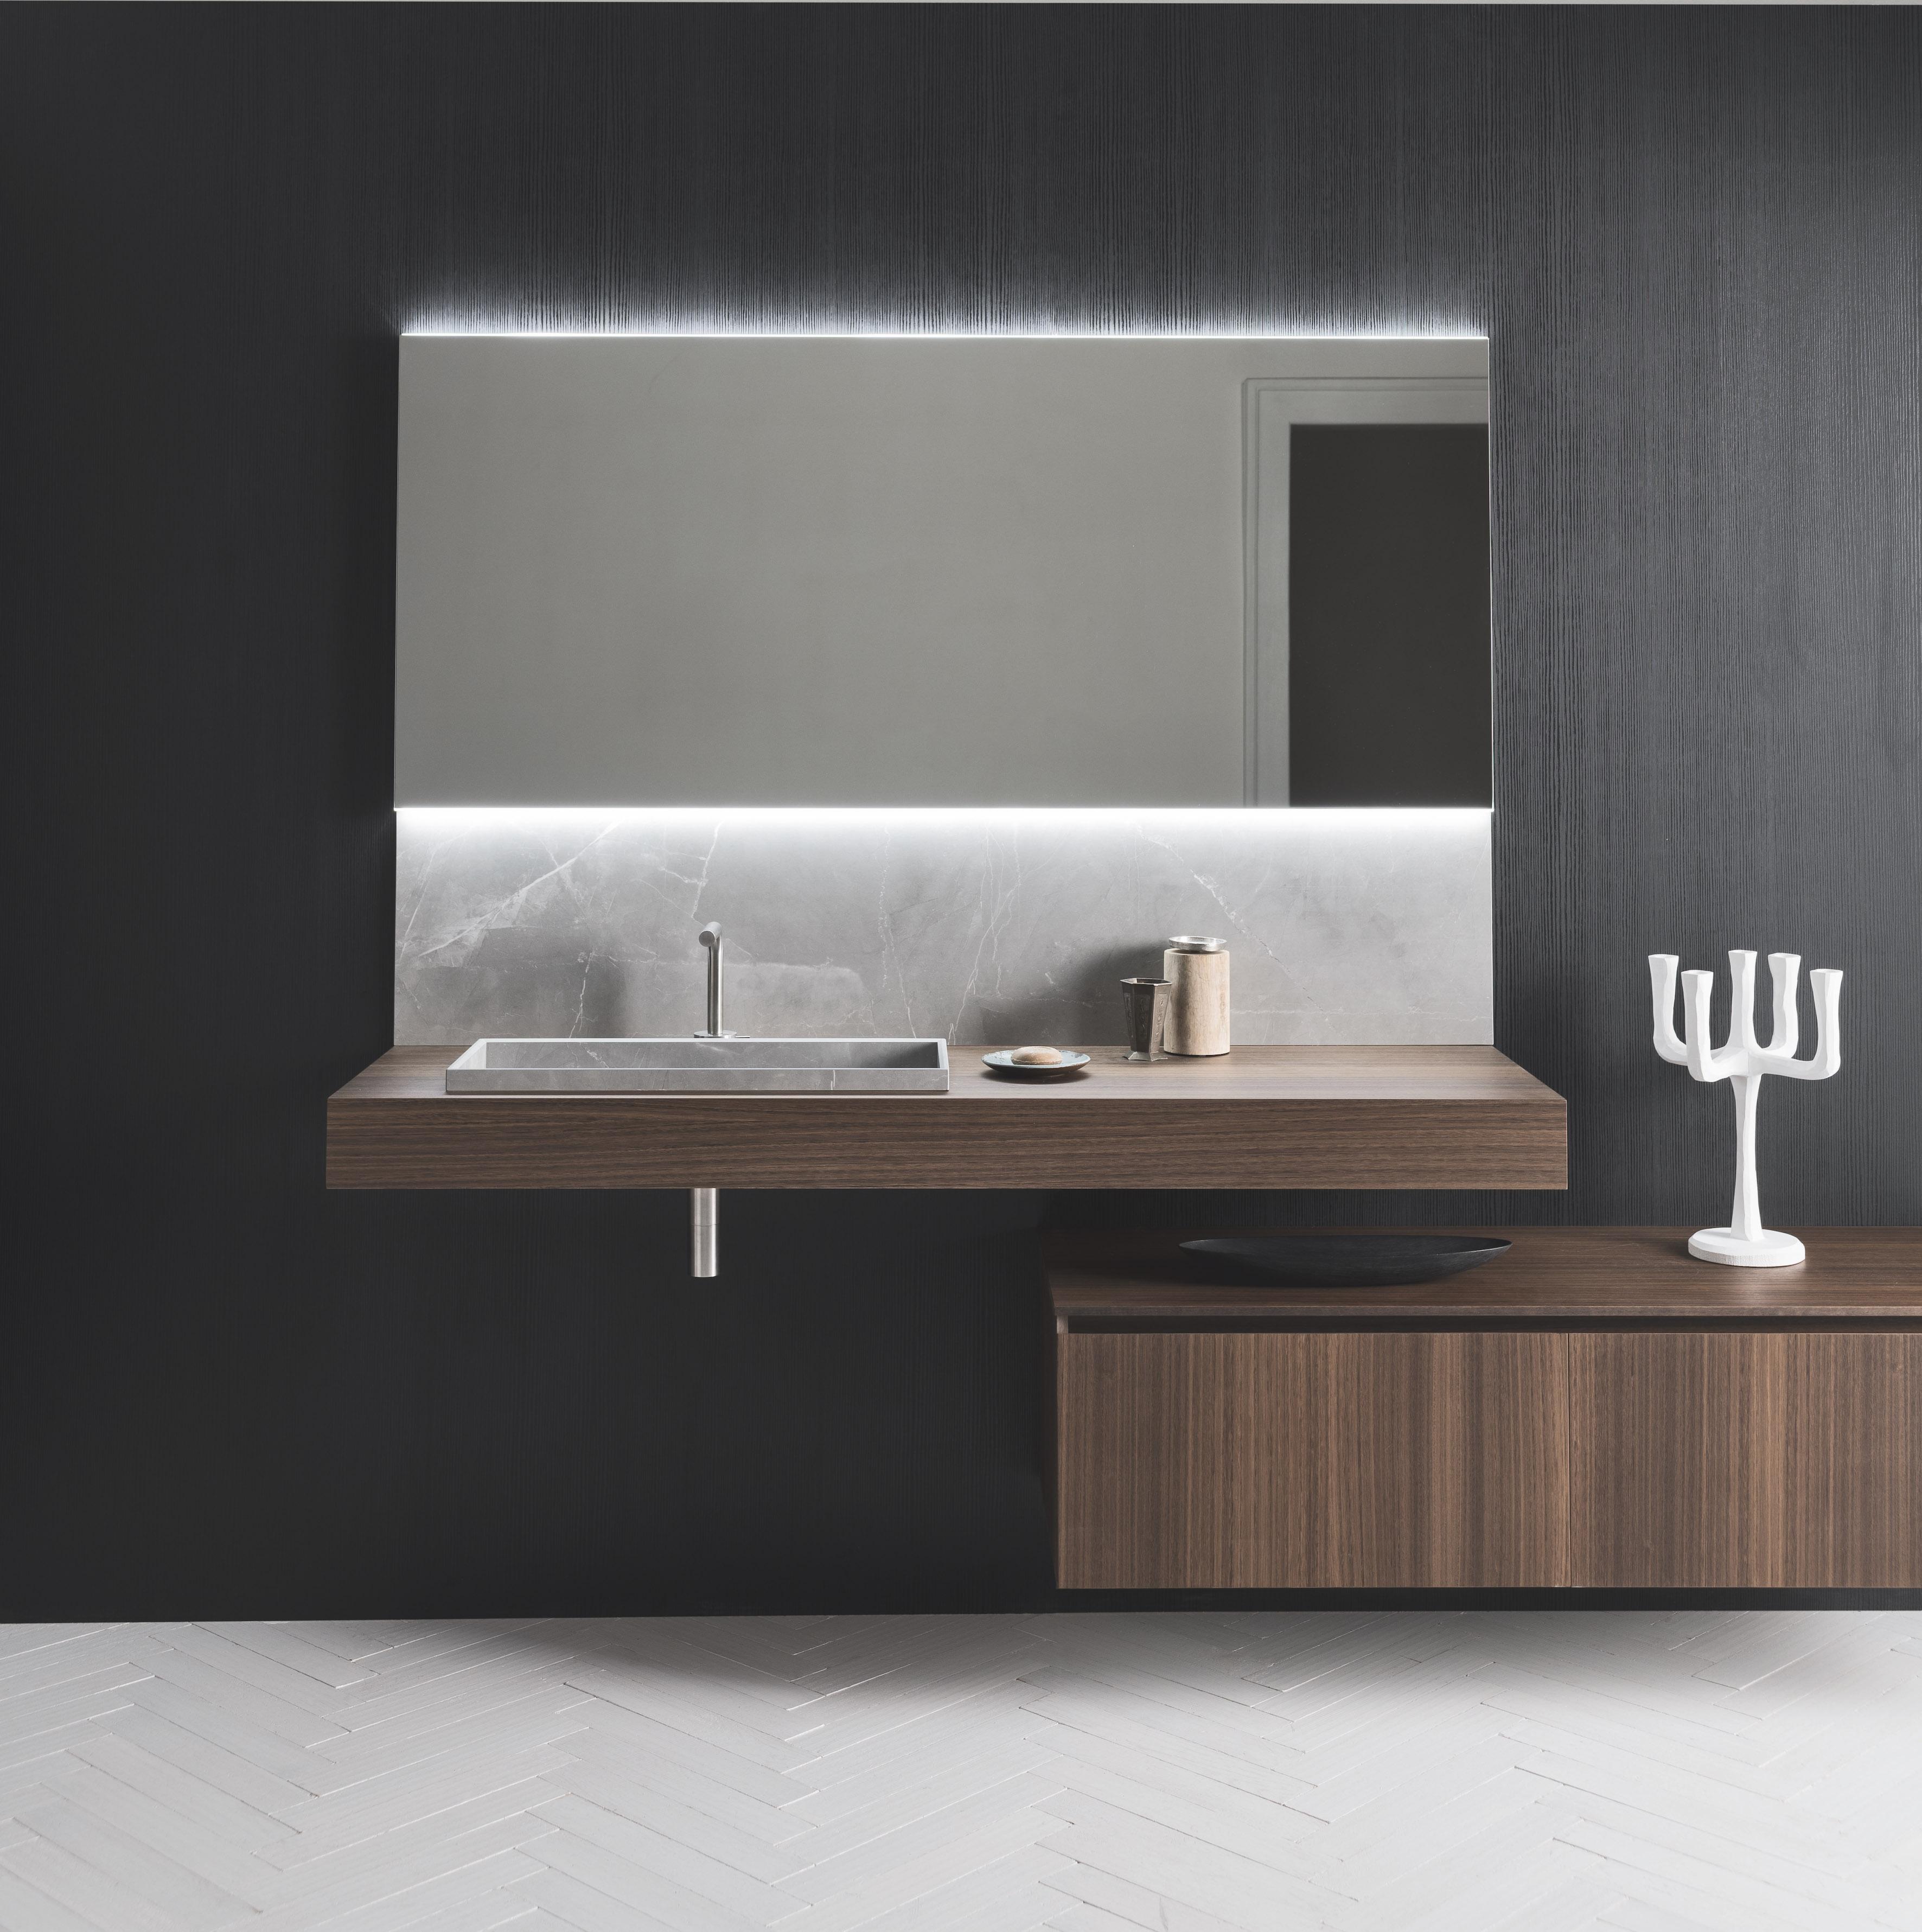 Preview Salone 2018: Arbi Arredobagno - Design Diffusion